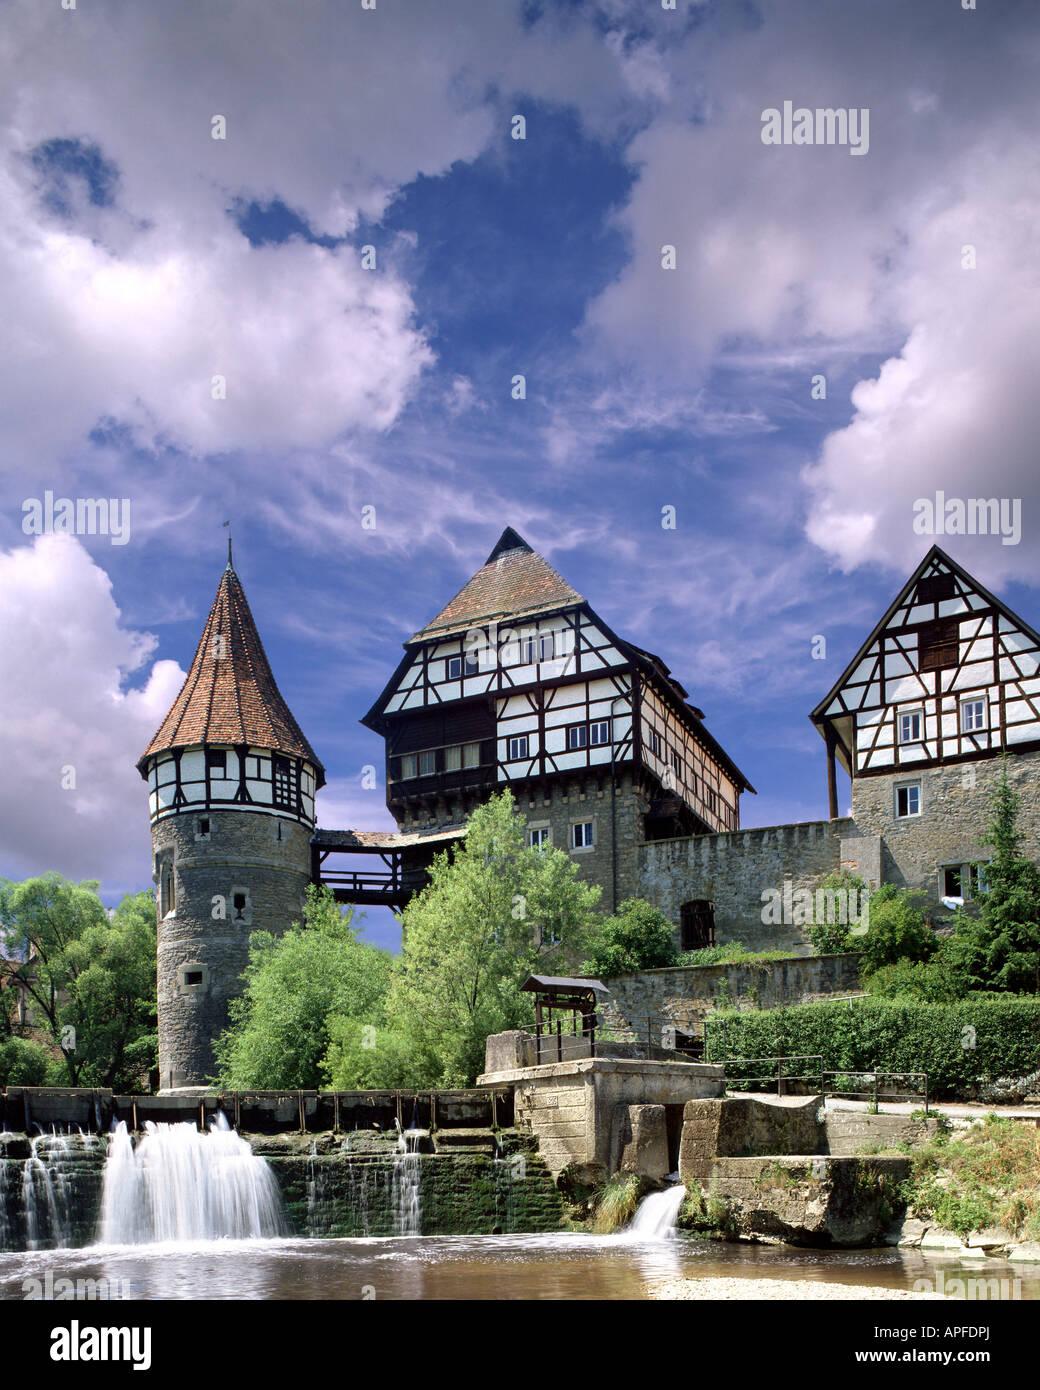 DE - BADEN WÜRTTEMBERG: El castillo de Balingen y Río Eyach Imagen De Stock